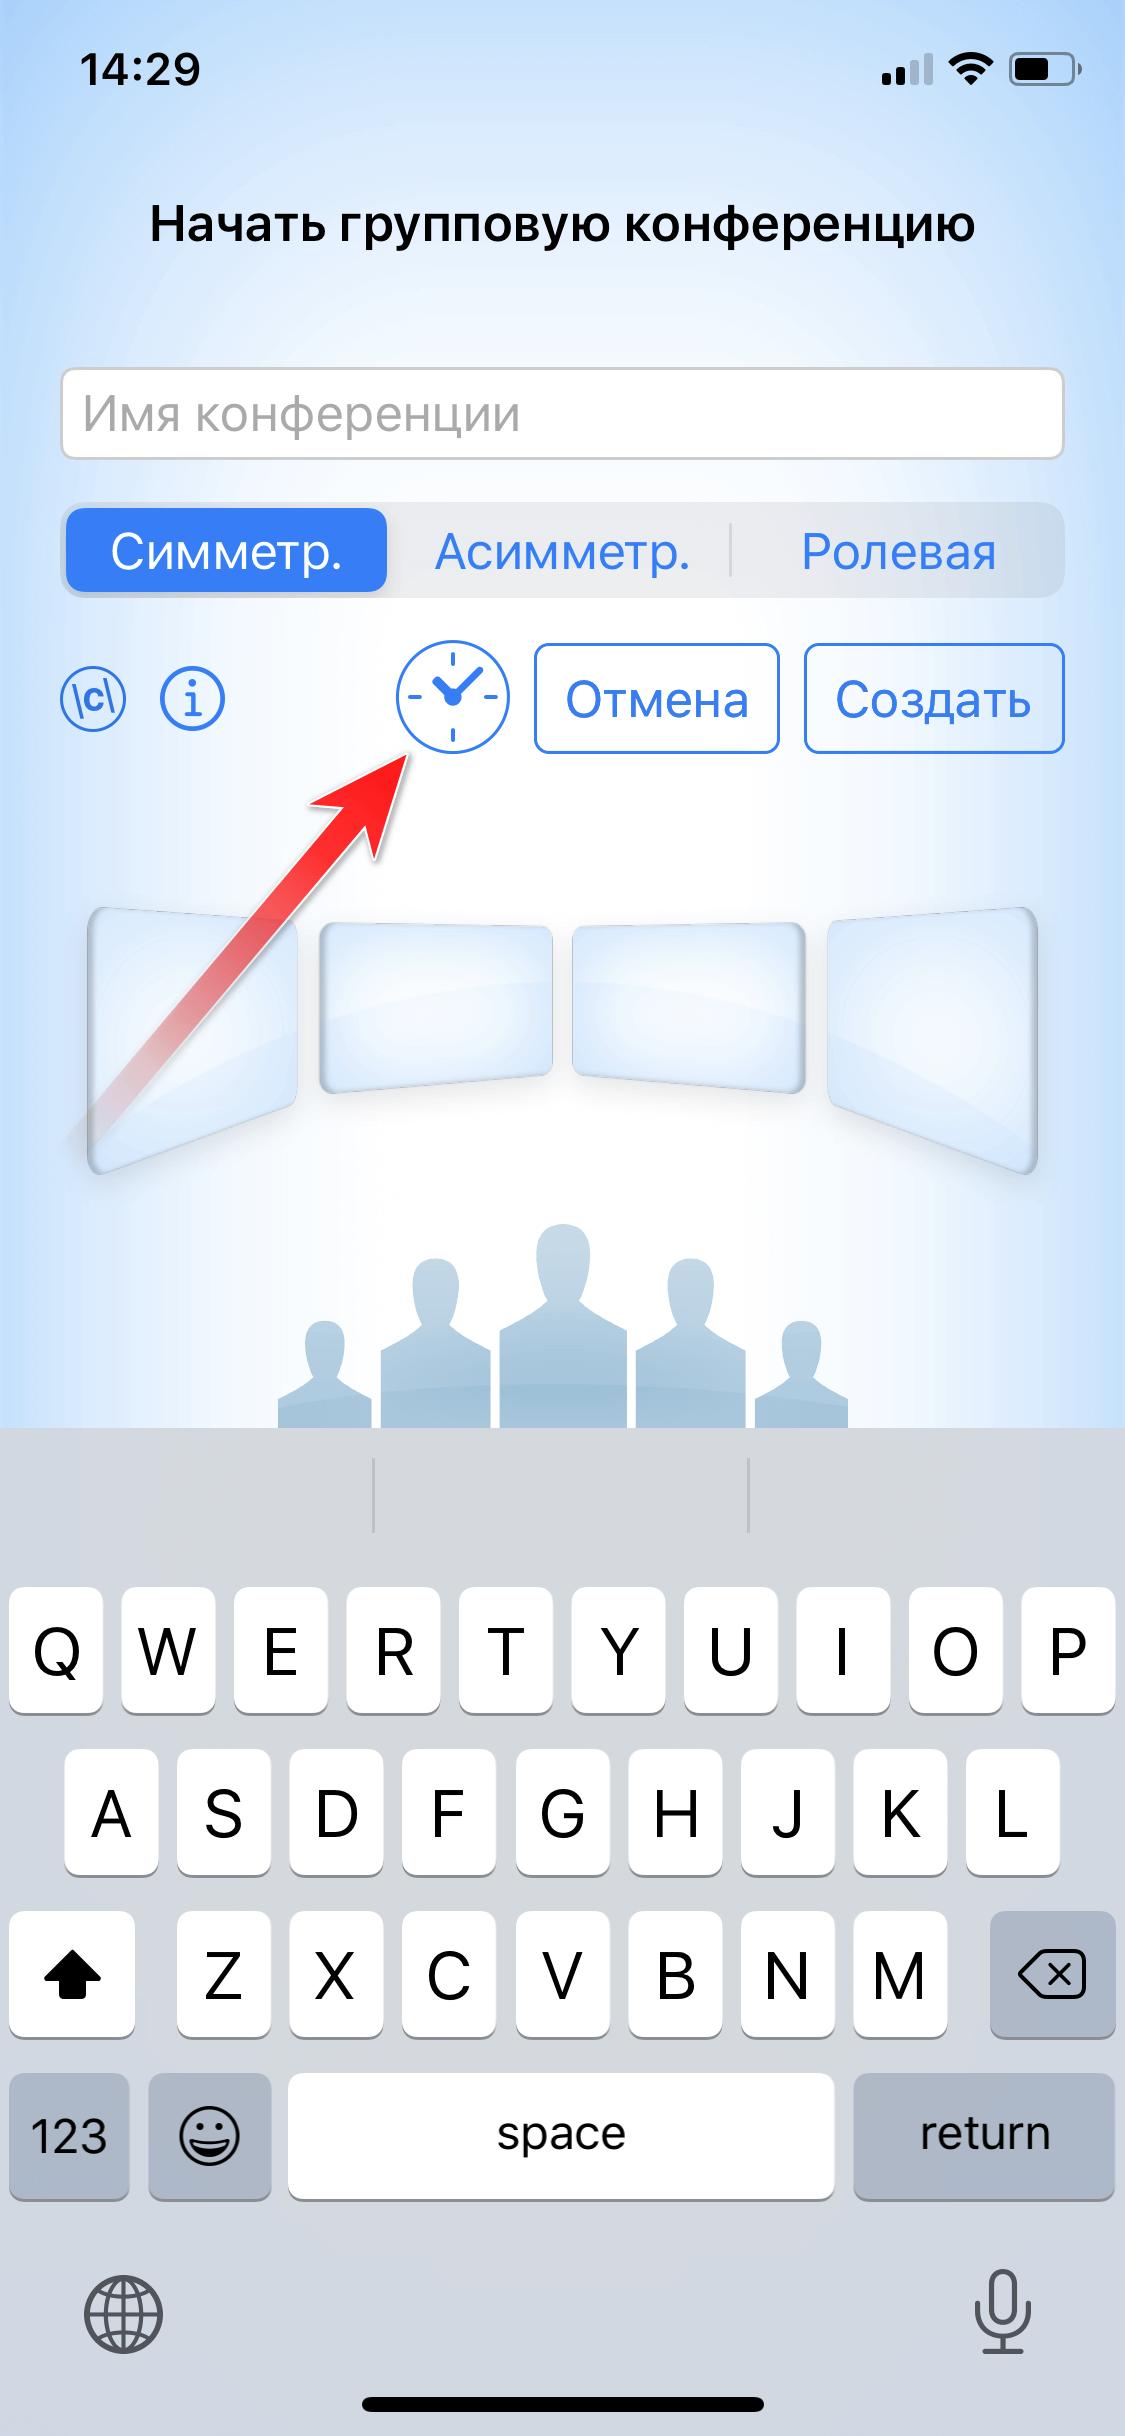 Обновление TrueConf 2.3 для iOS: Планирование конференций и поддержка технологии Metal 4